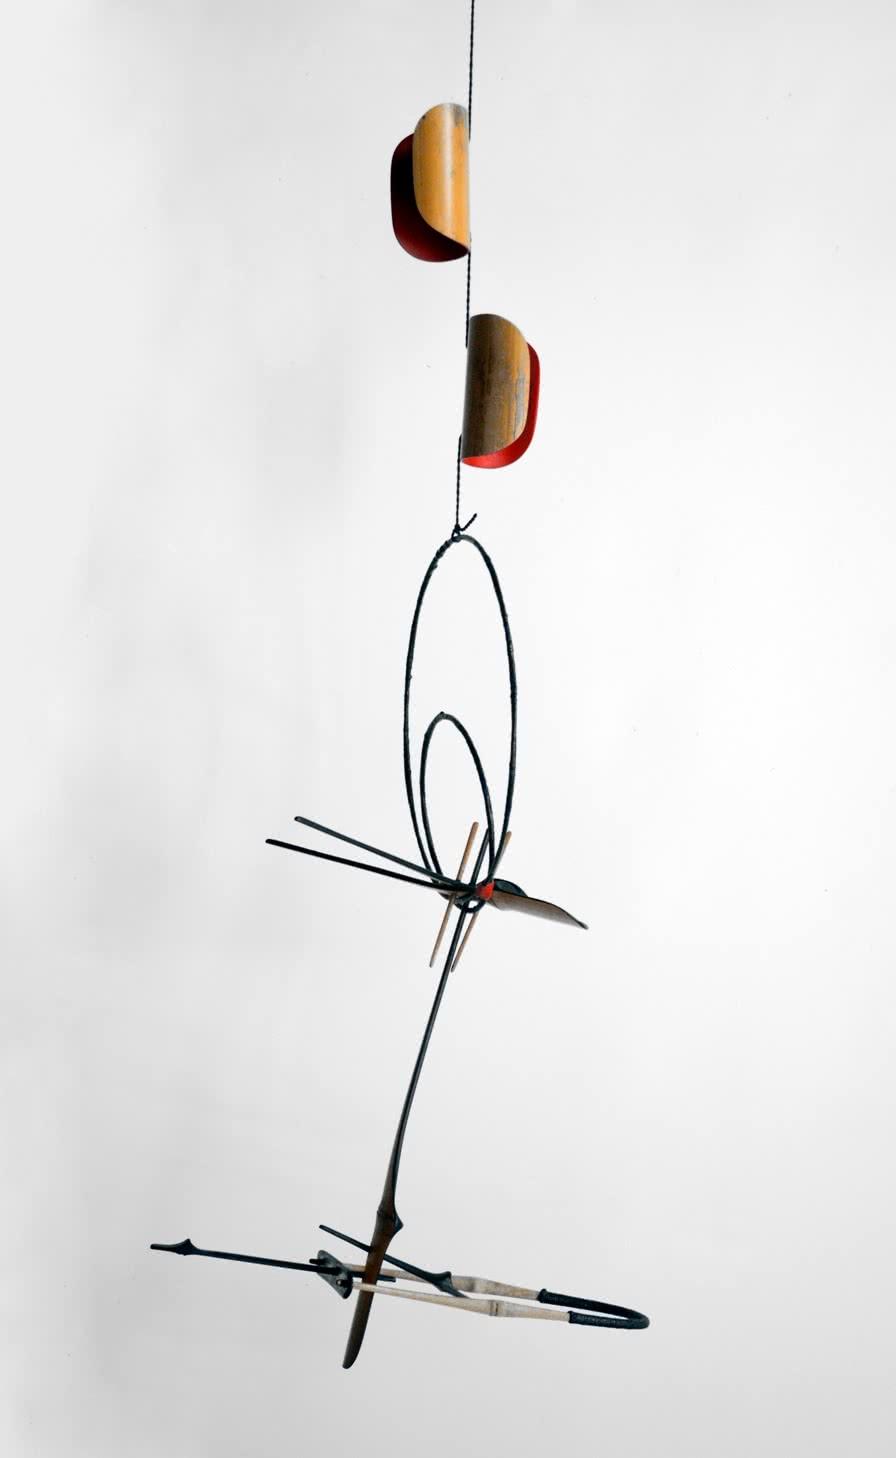 Moisès Villèlia. 35.11. Mòbil de bambú pintat, filferro i fil lacat. 1986. 112 x 42 x 42 cm.